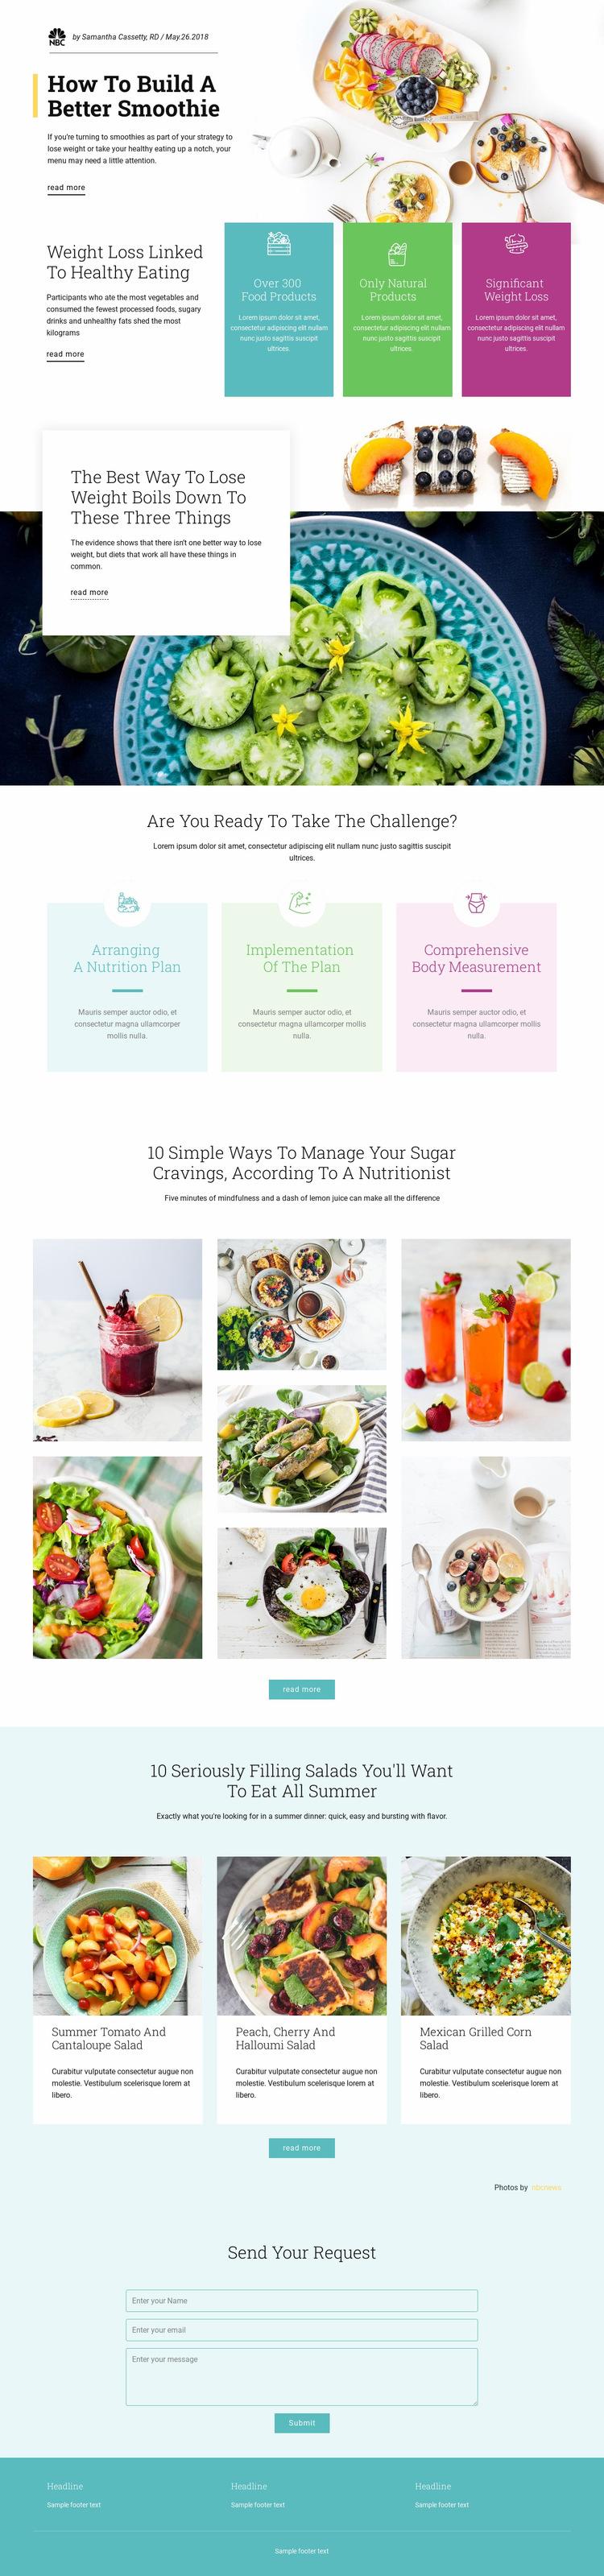 Smoothie Recipes Website Builder Templates